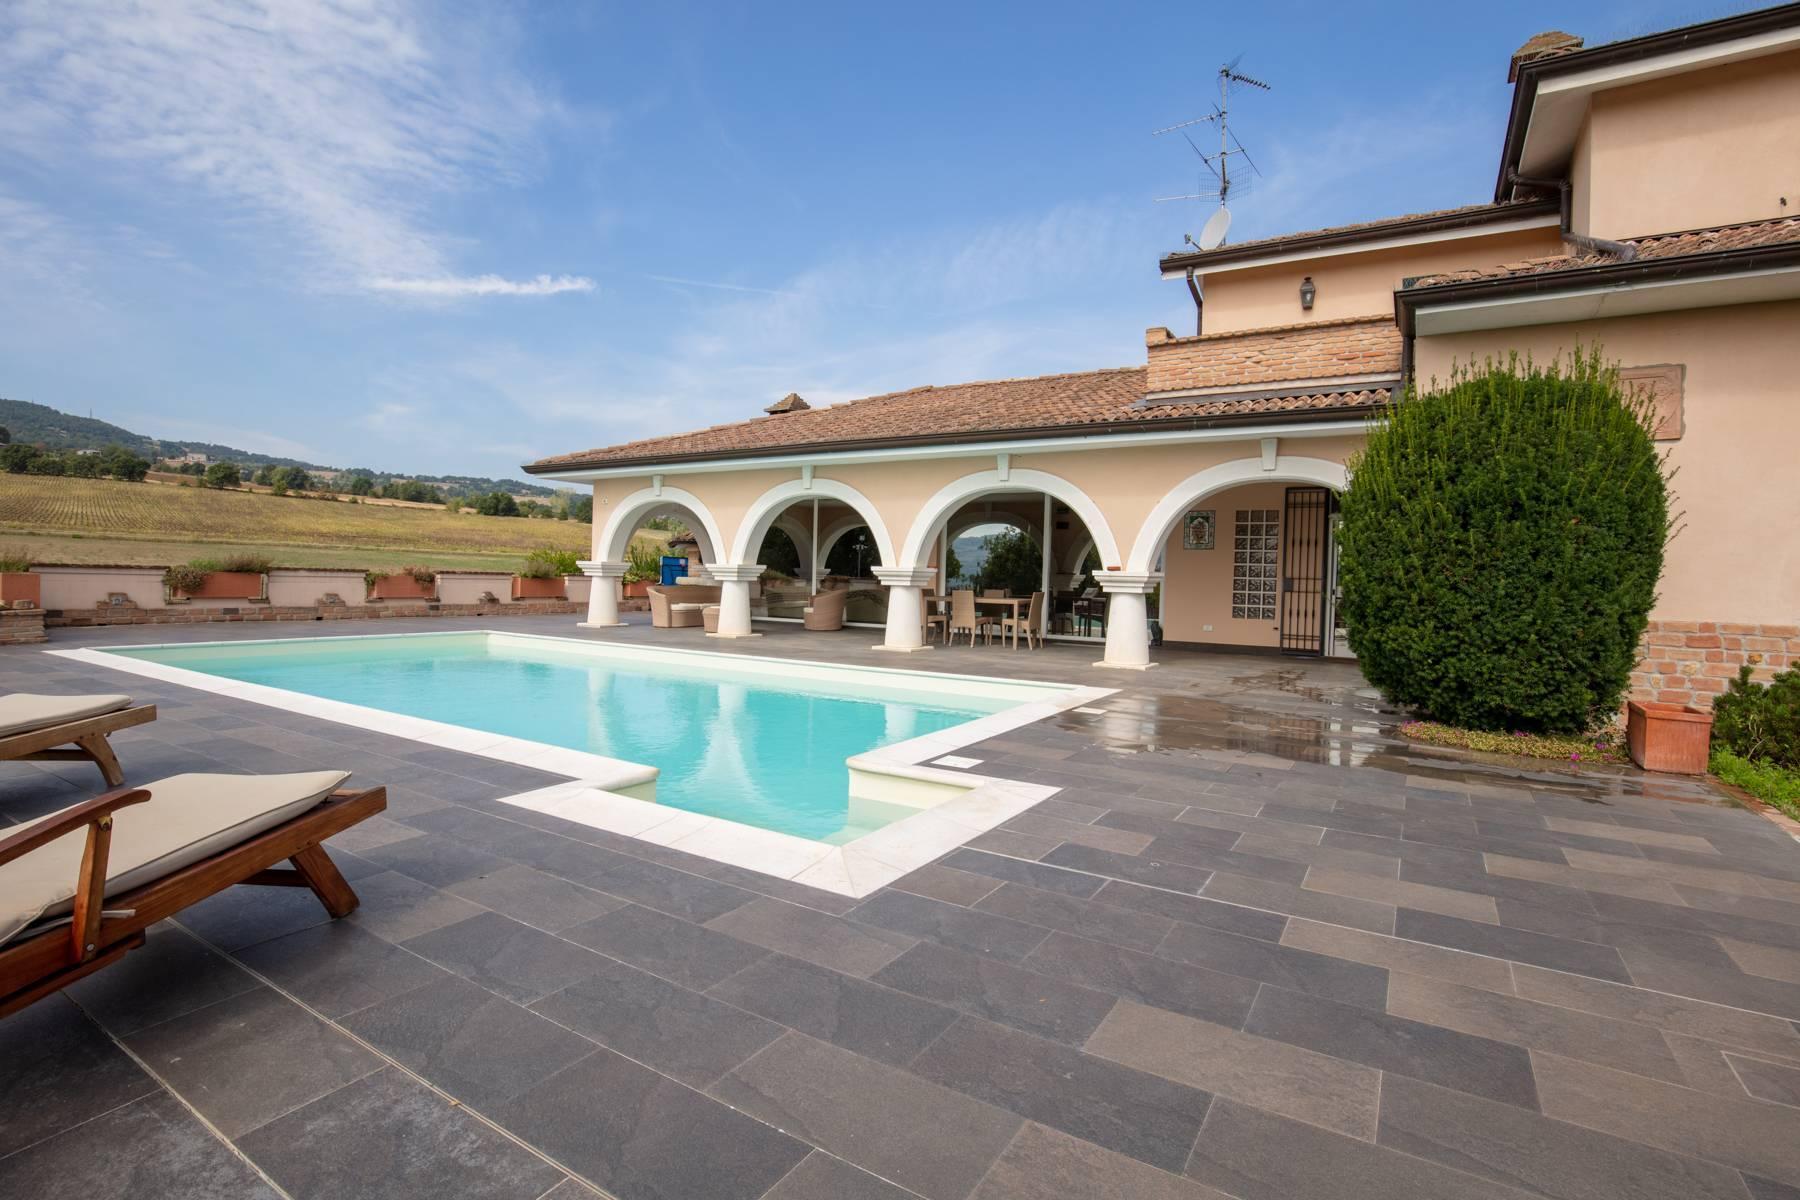 Villa con piscina nelle colline piacentine - 46